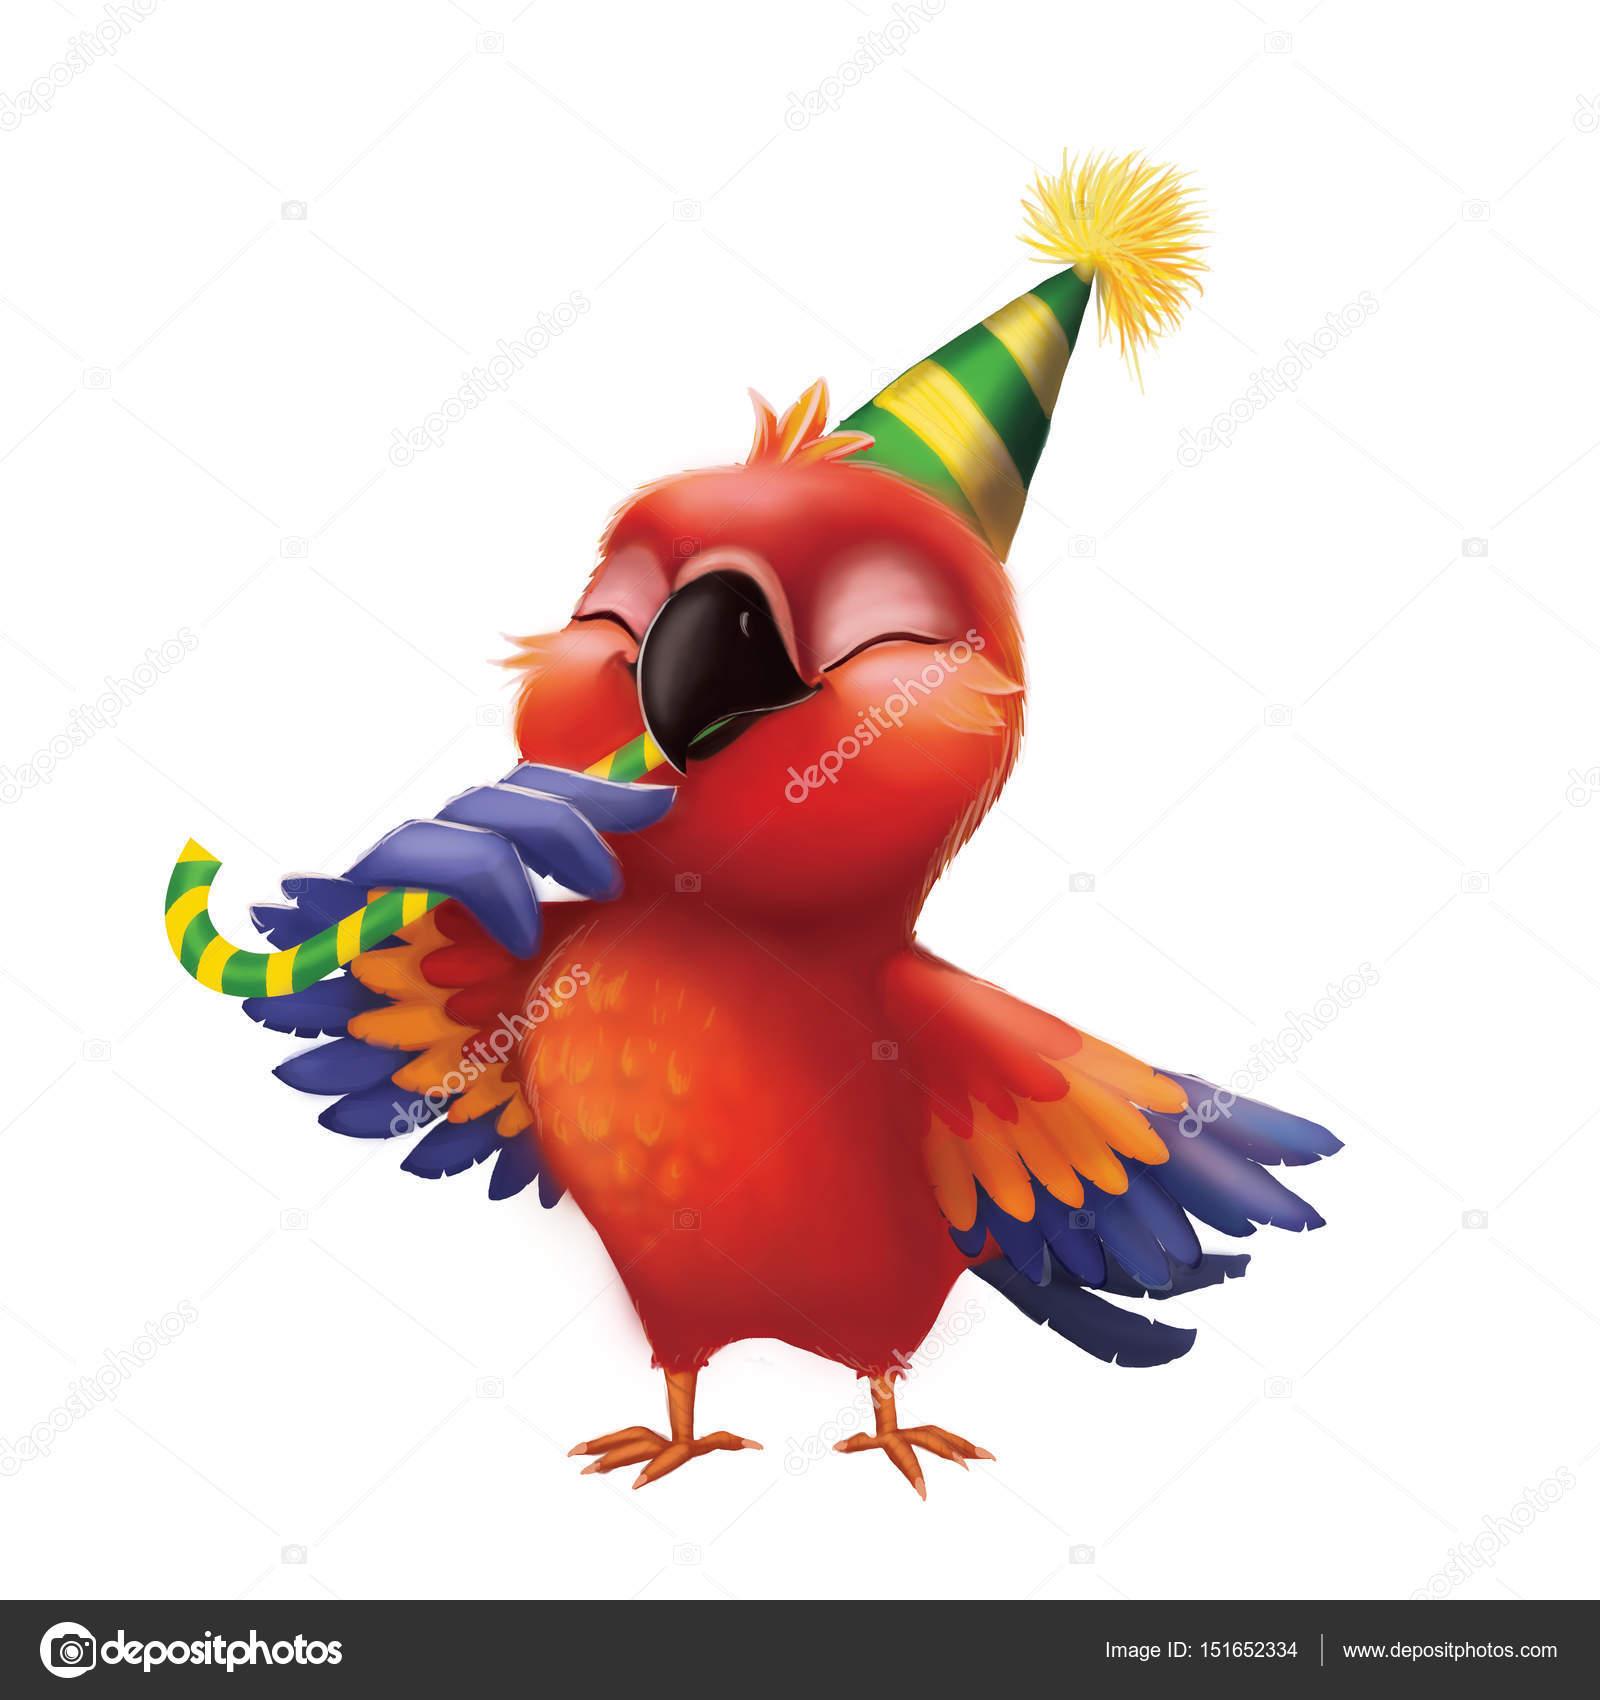 Sourire de perroquet perruche manger des bonbons en party hat enfants joyeux anniversaire de - Dessin perruche ...